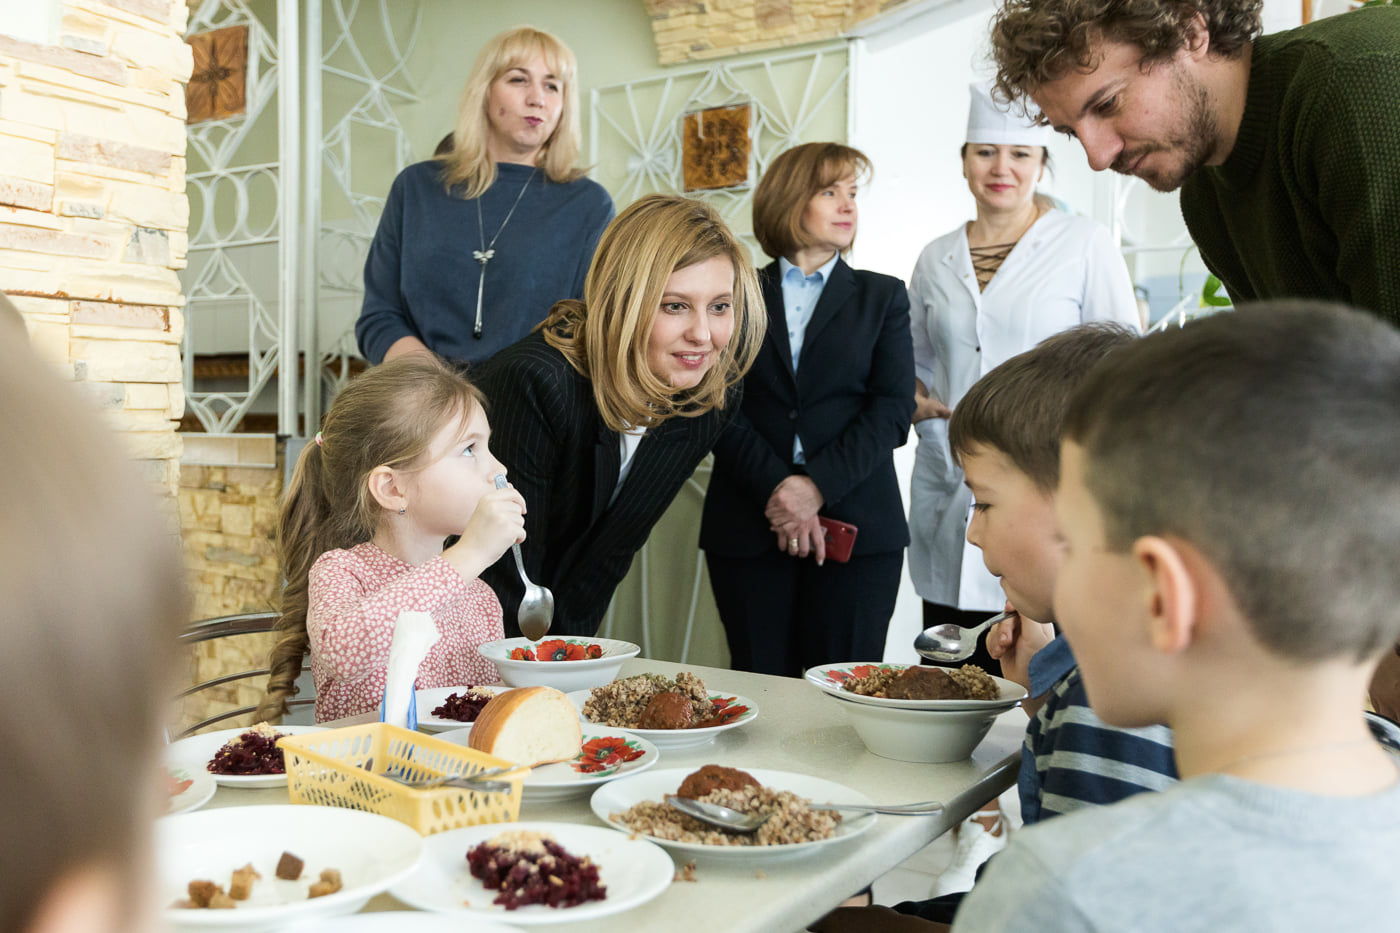 Елена Зеленская представила новое меню для школьных столовых: «Вкусное, полезное, сбалансированное»